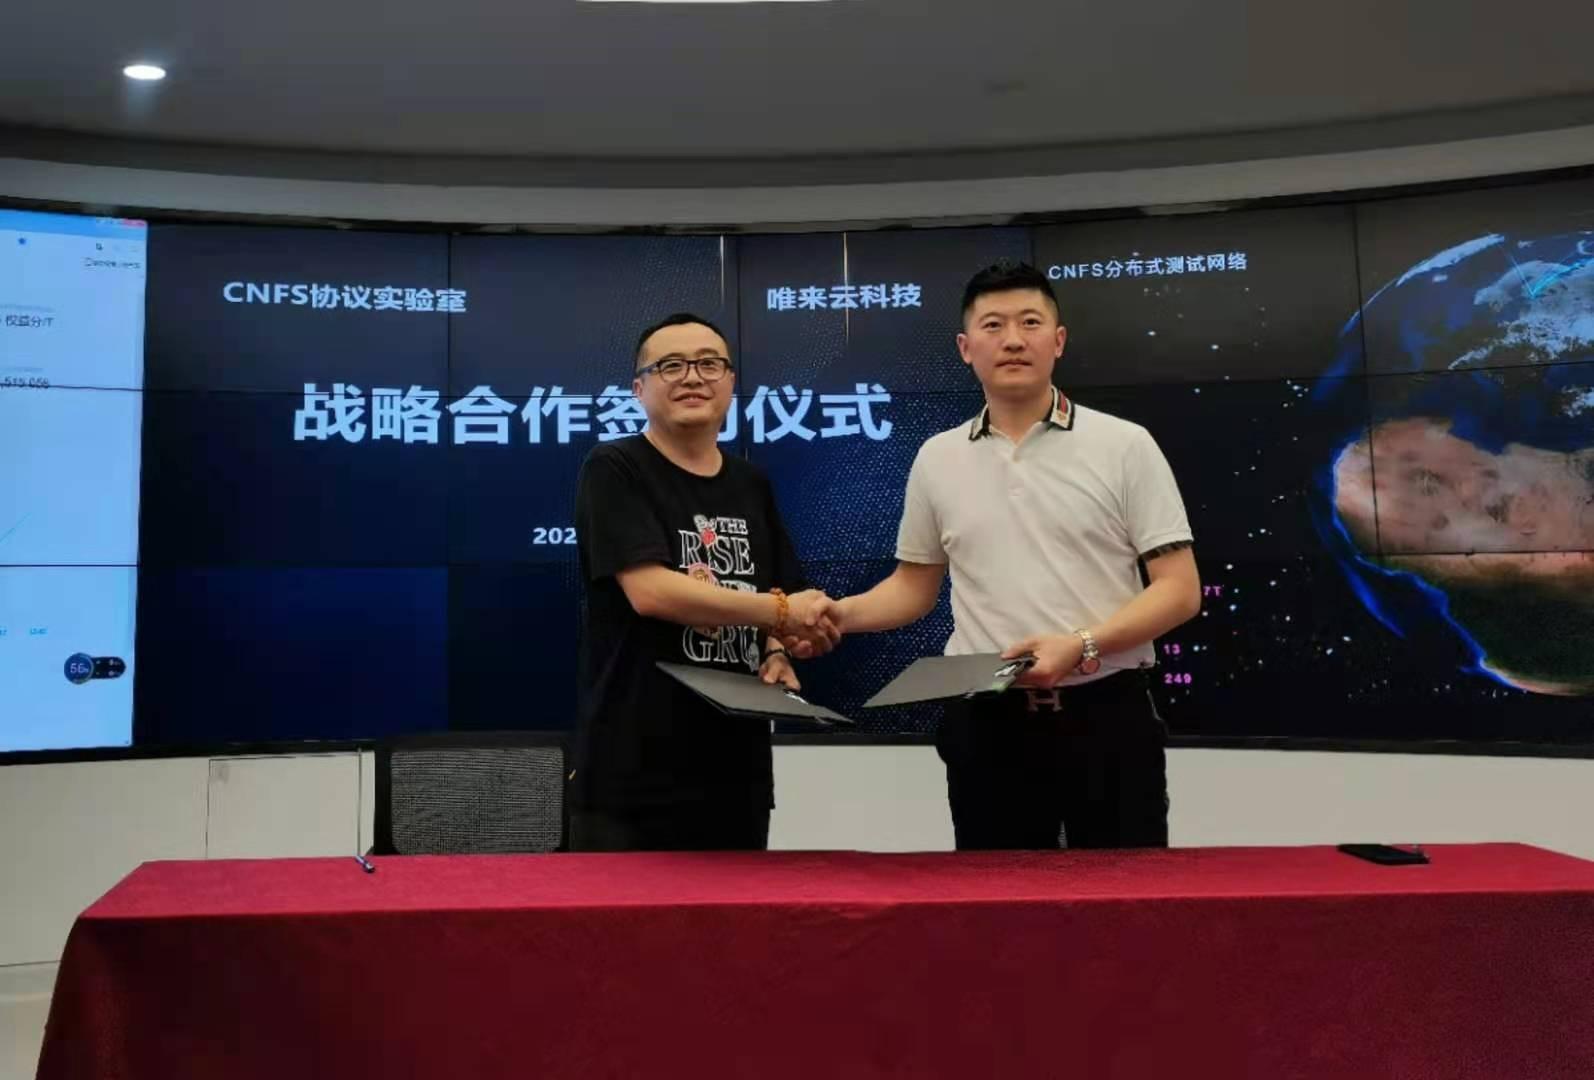 恒煊首页上海唯来云与中科云计算正式签署合作协议